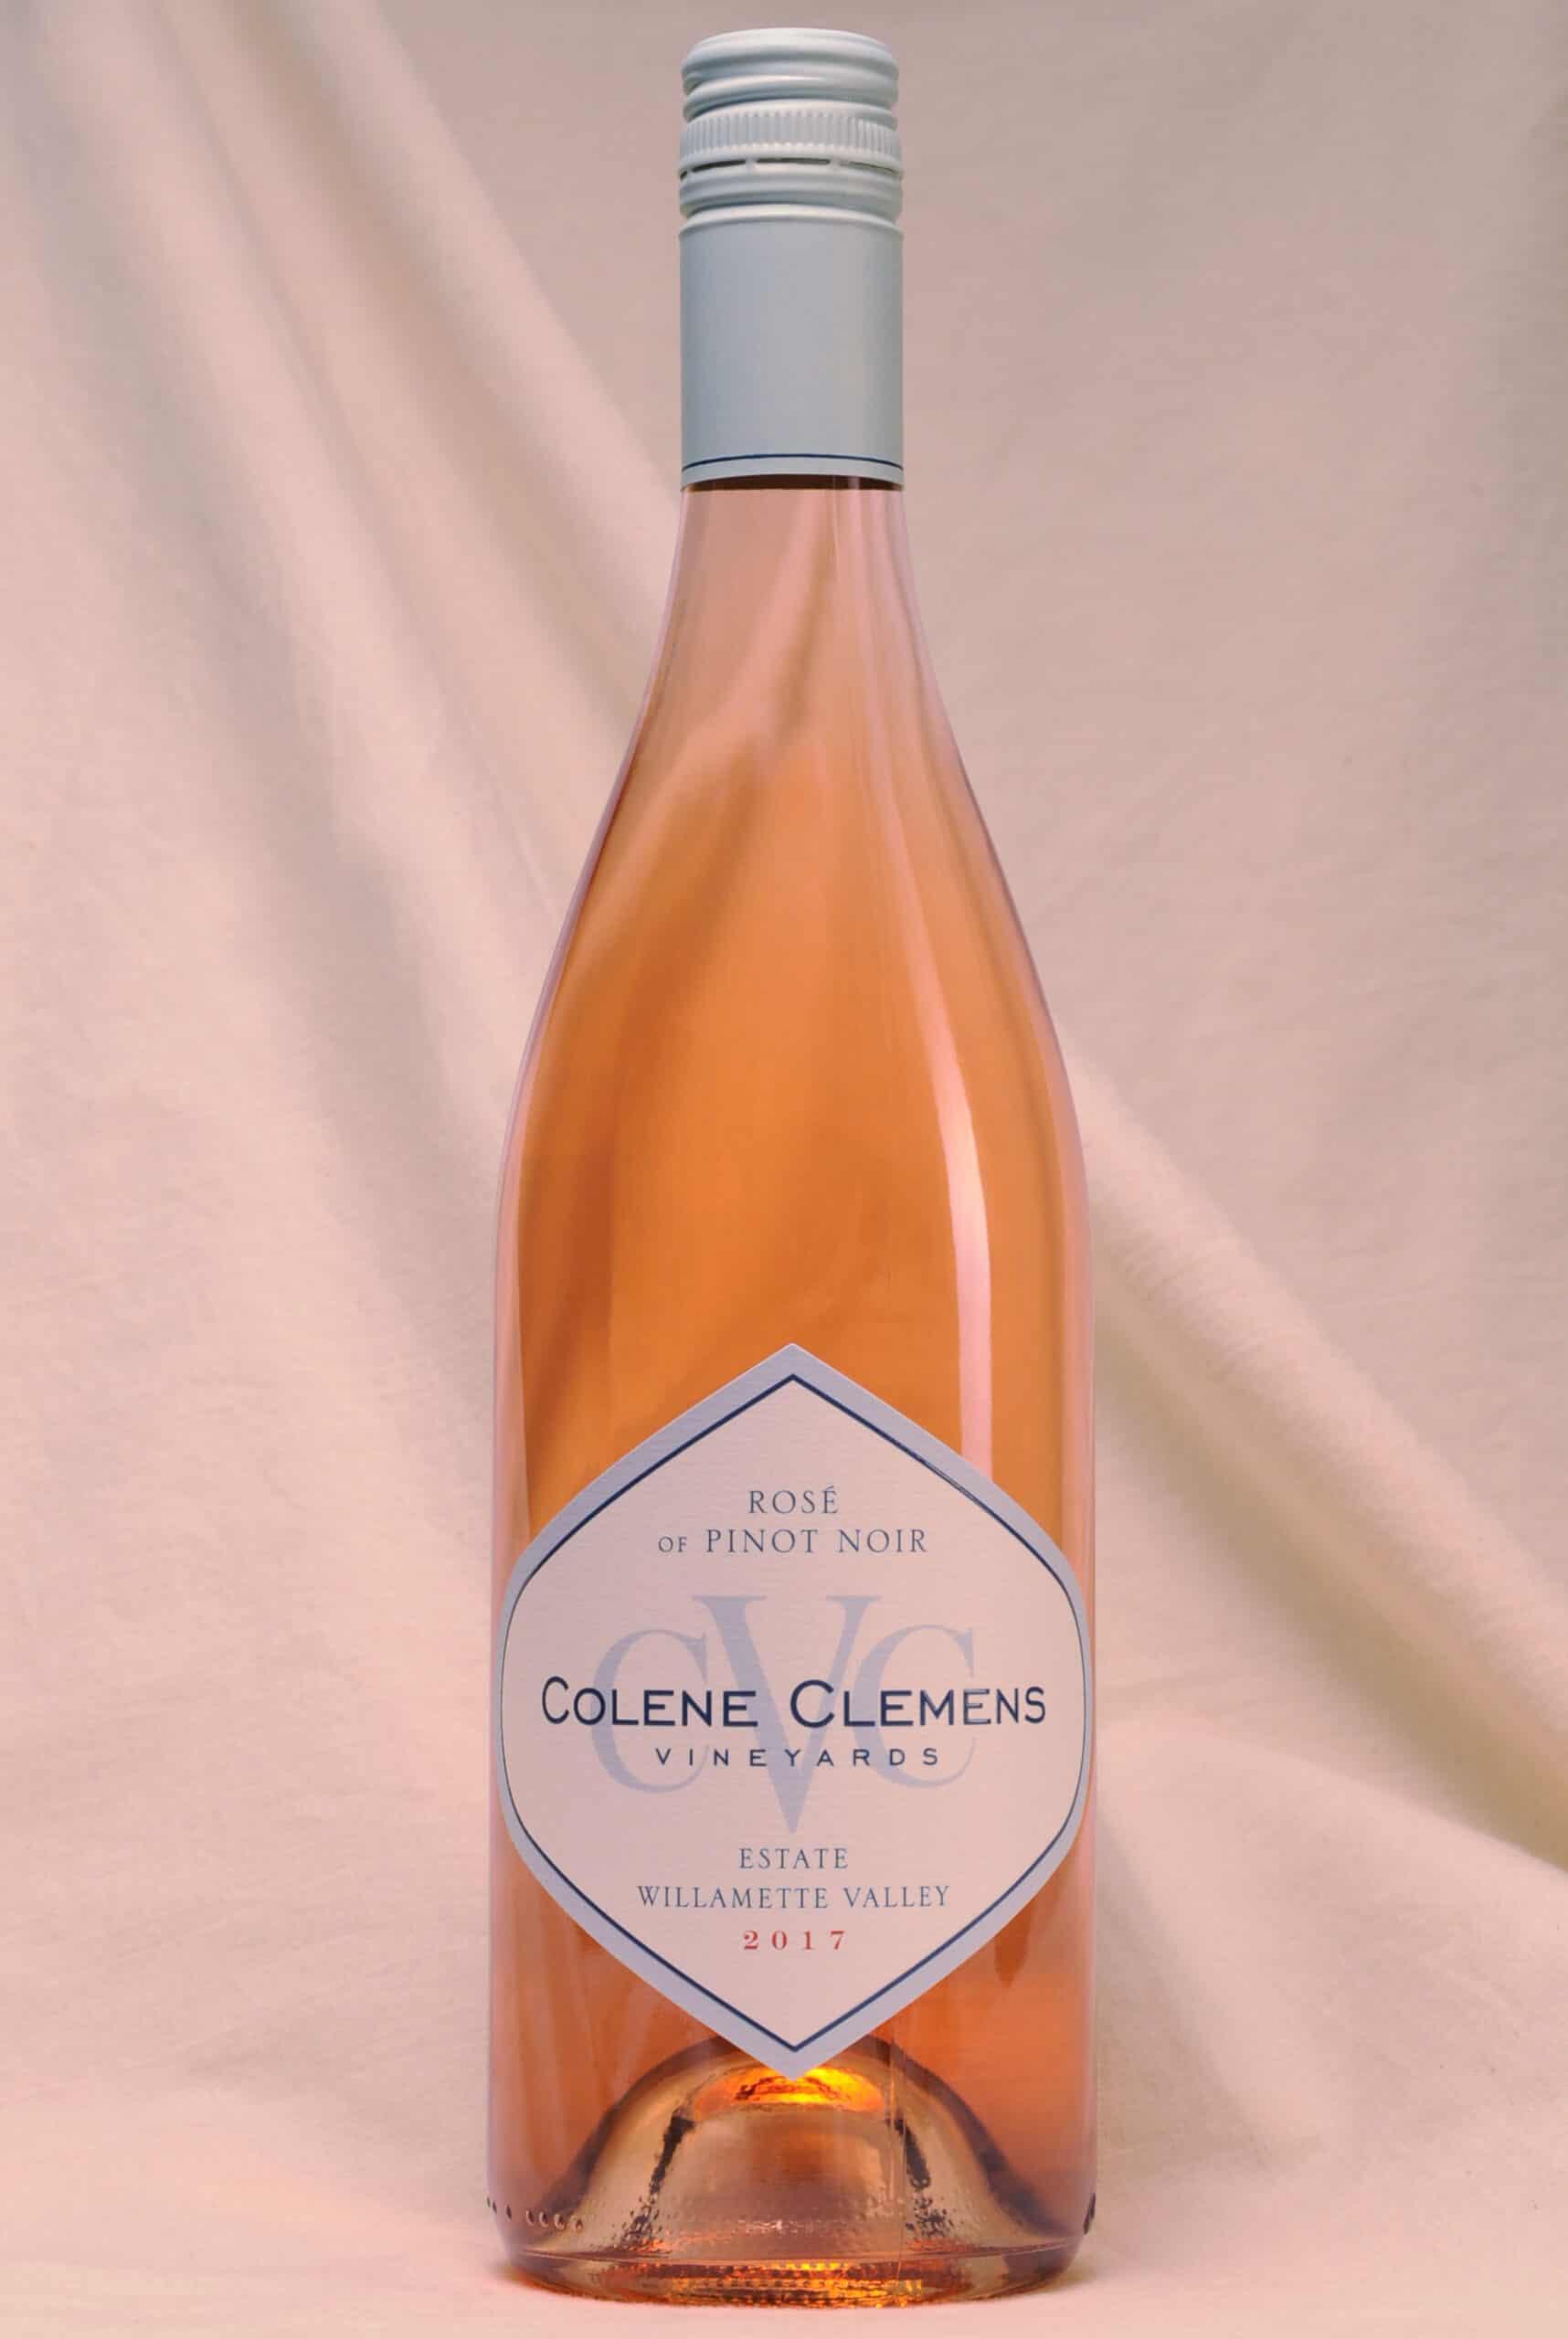 Colene Clemens Vineyards Rose of Pinto Noir wine bottle